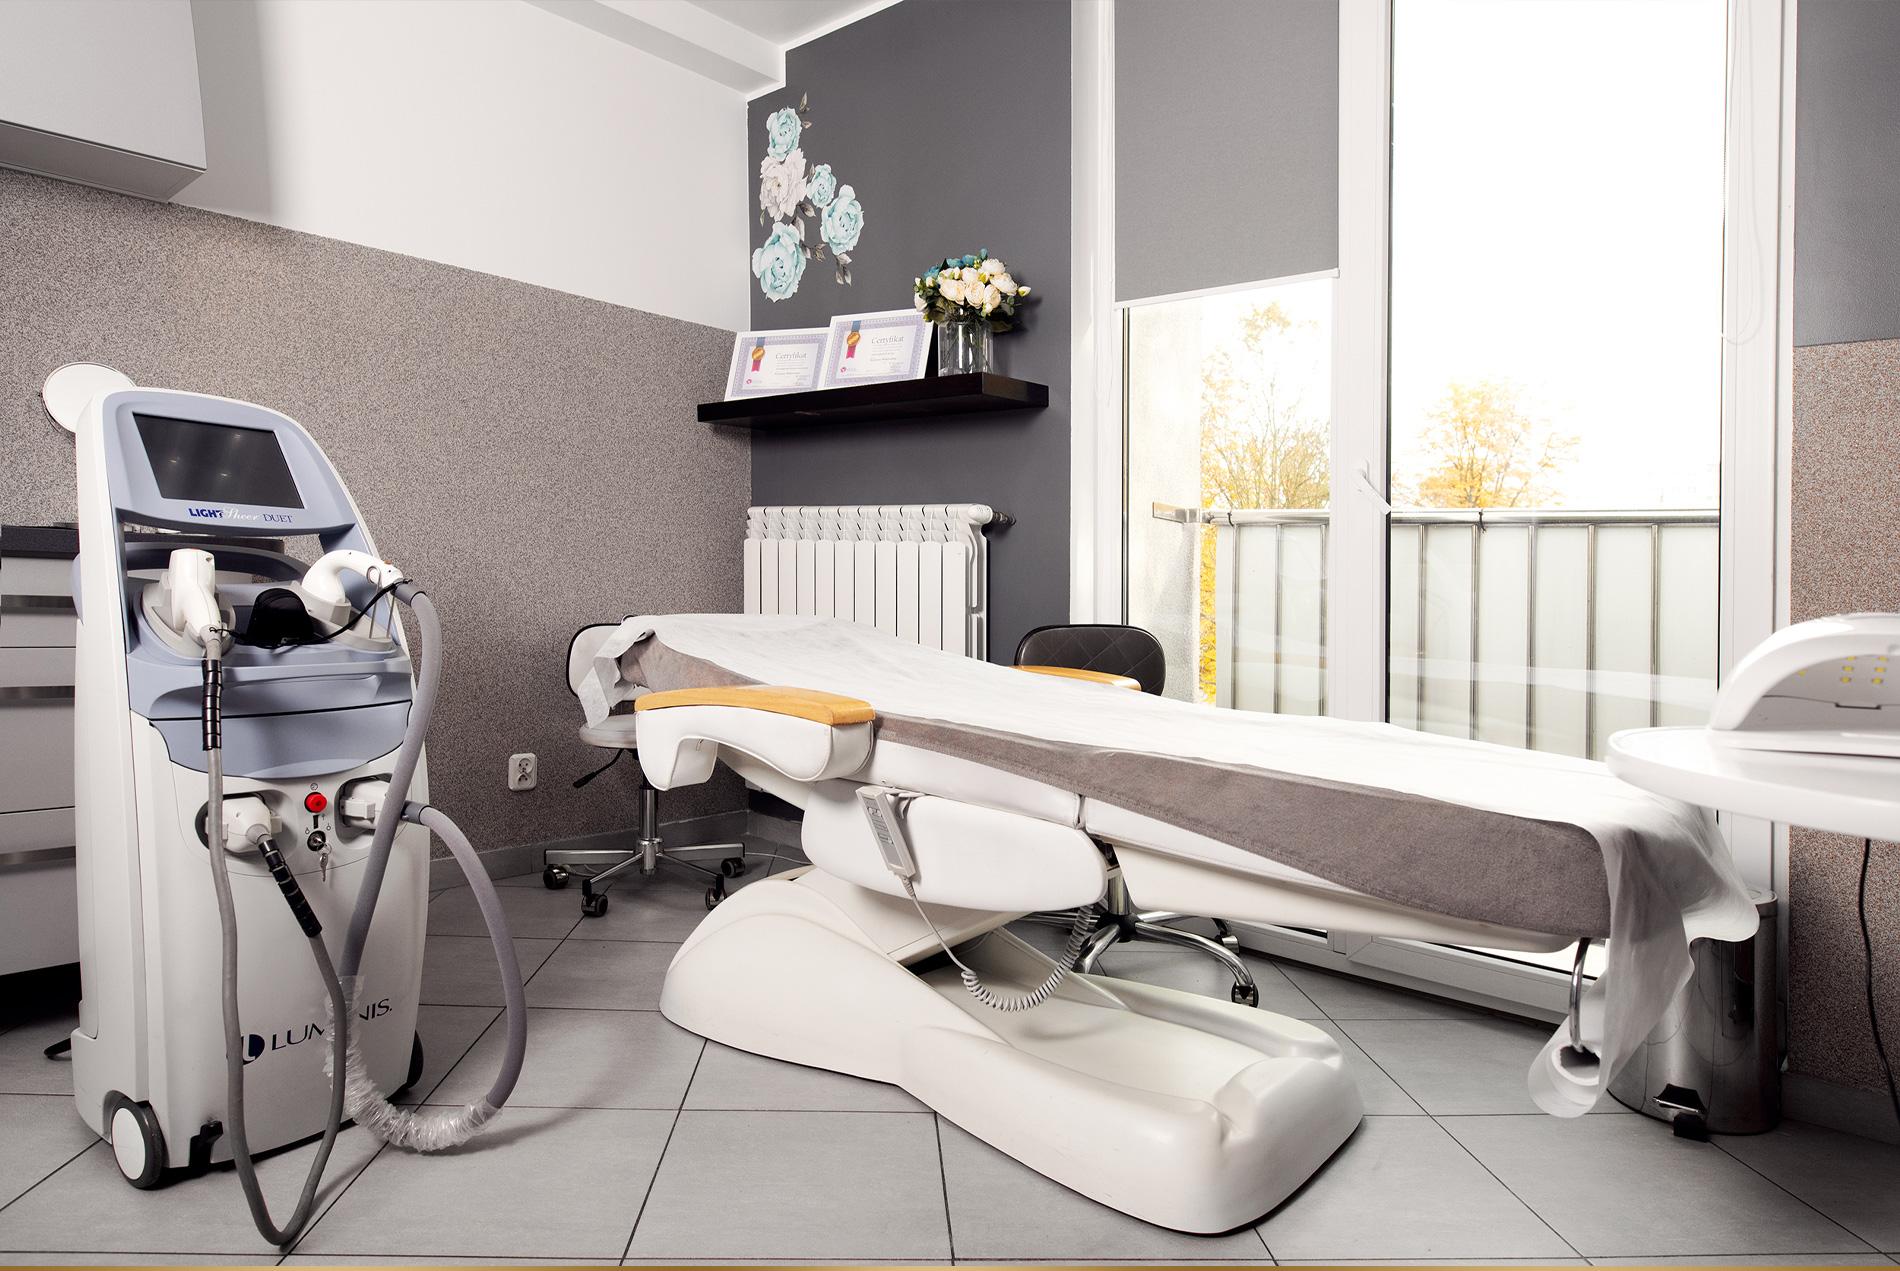 Salon kosmetyczny Tychy 2